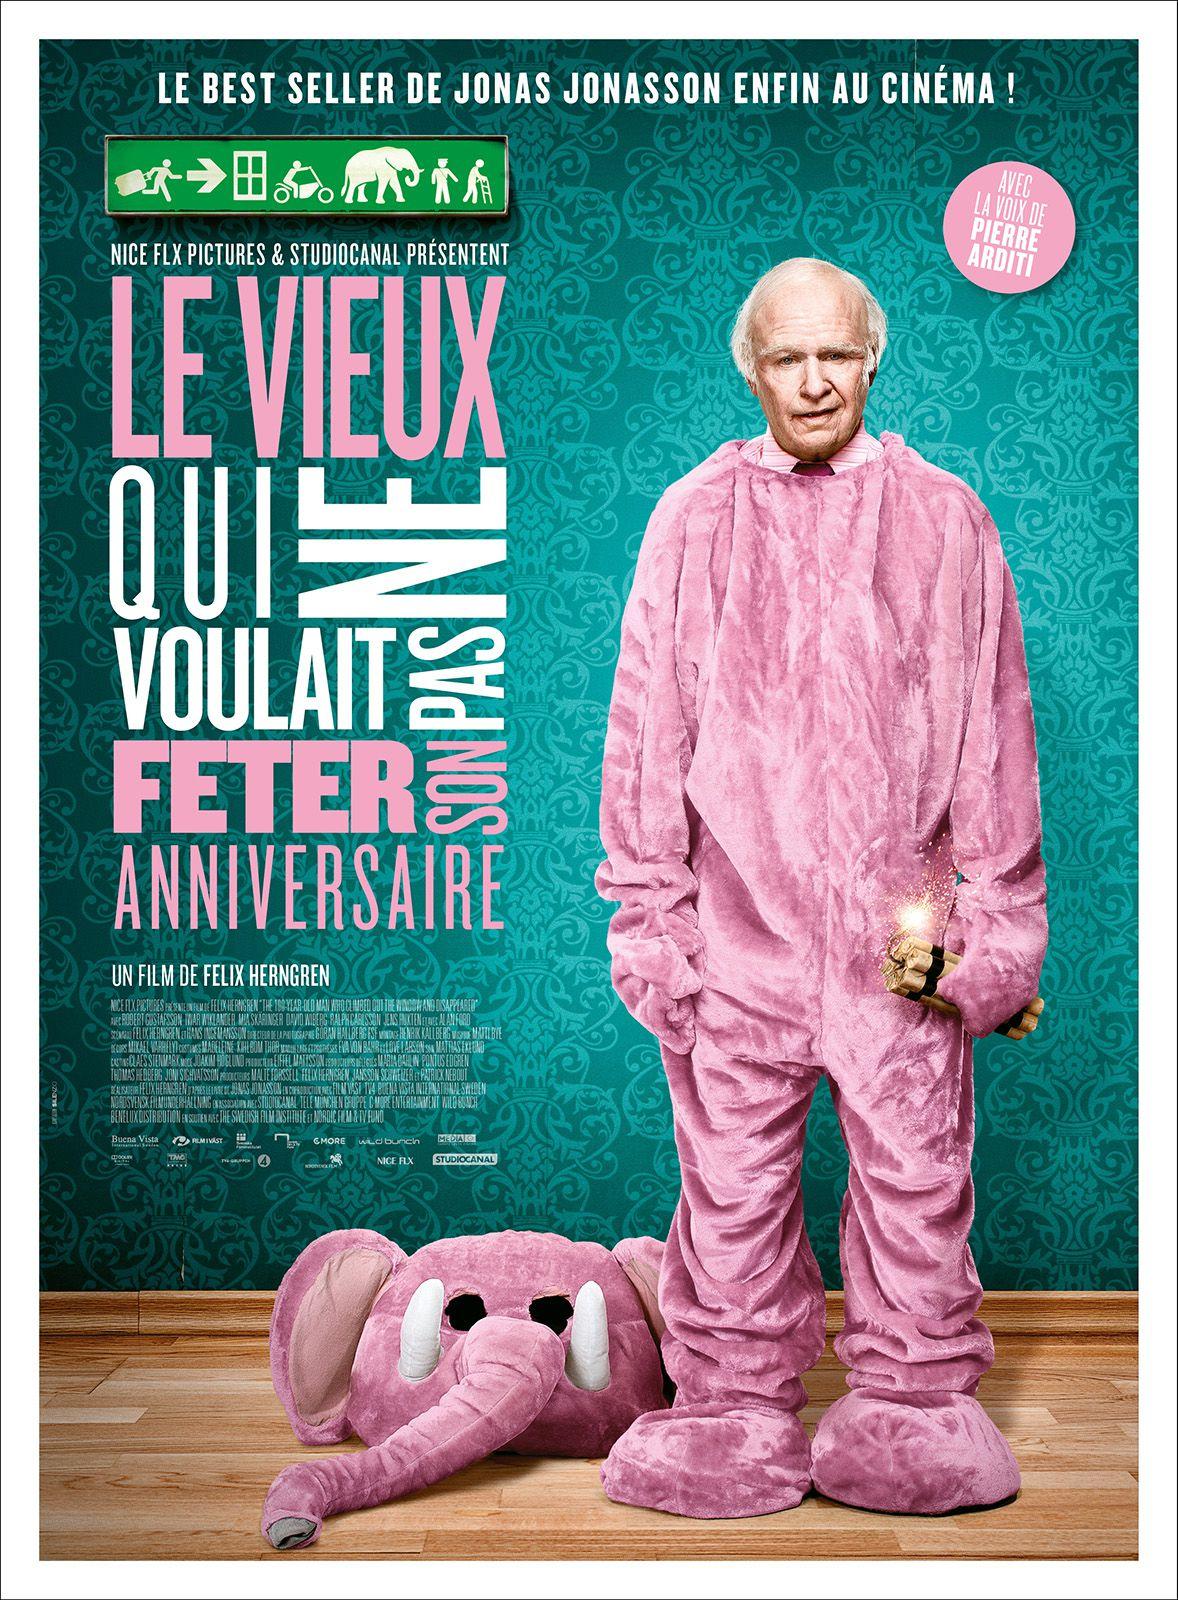 Le Vieux qui ne voulait pas fêter son anniversaire - Film (2013)